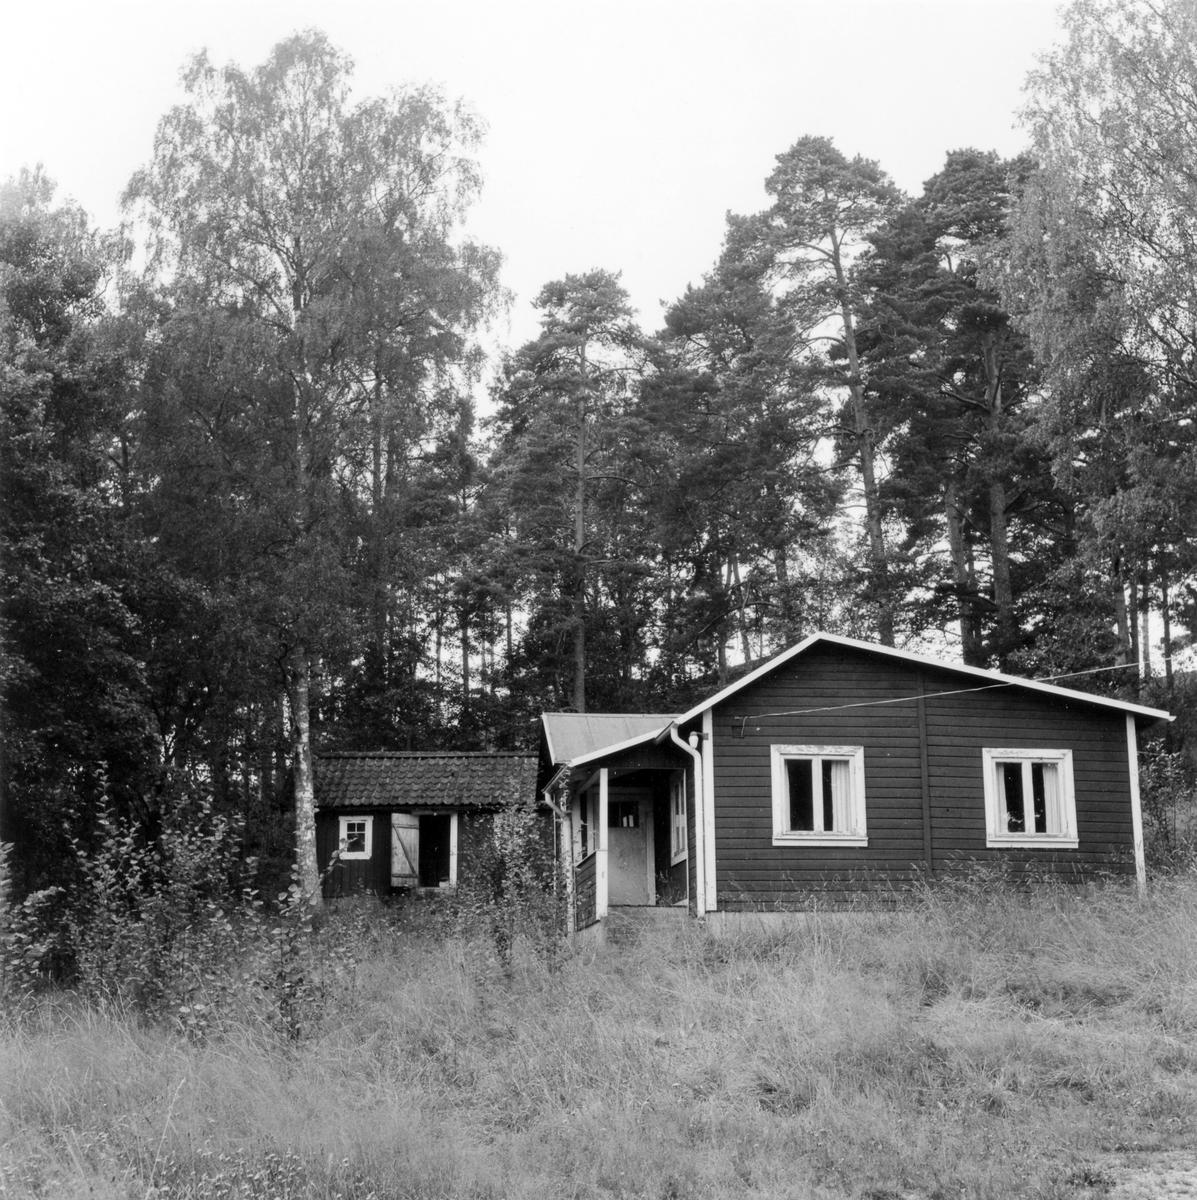 Ett mindre bostadshus och uthus i en liten träddunge.  Rödmålat uthus och mindre bostadshus beläget intill barnhemmet Solstrand. Byggnaderna revs augusti 1978.